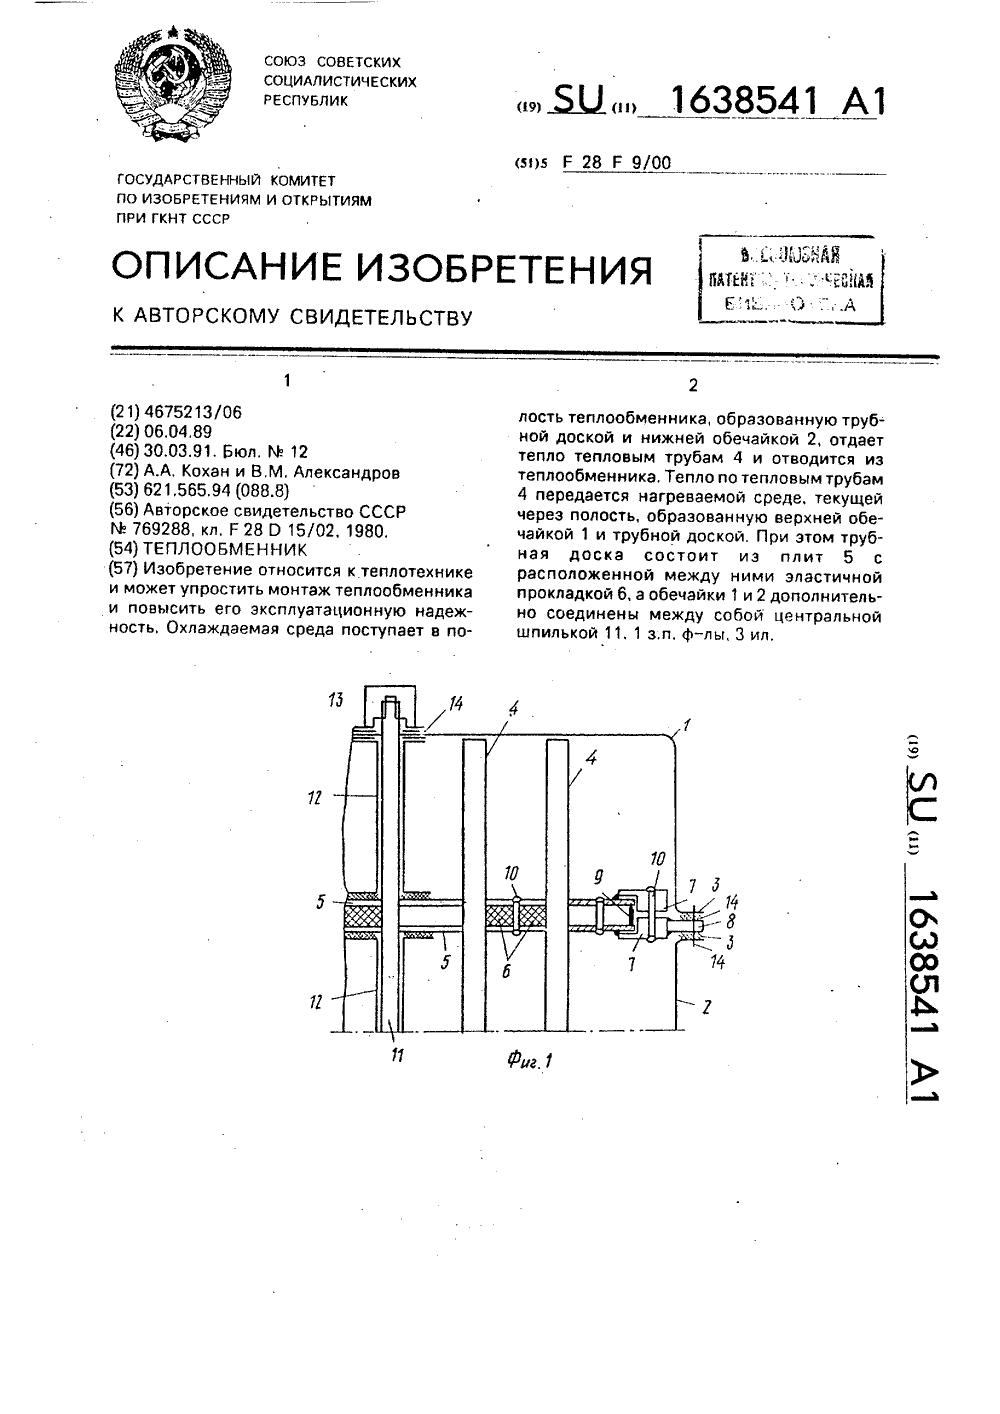 Теплообменник в криостате теплообменник маслоохладители водяного охлаждения